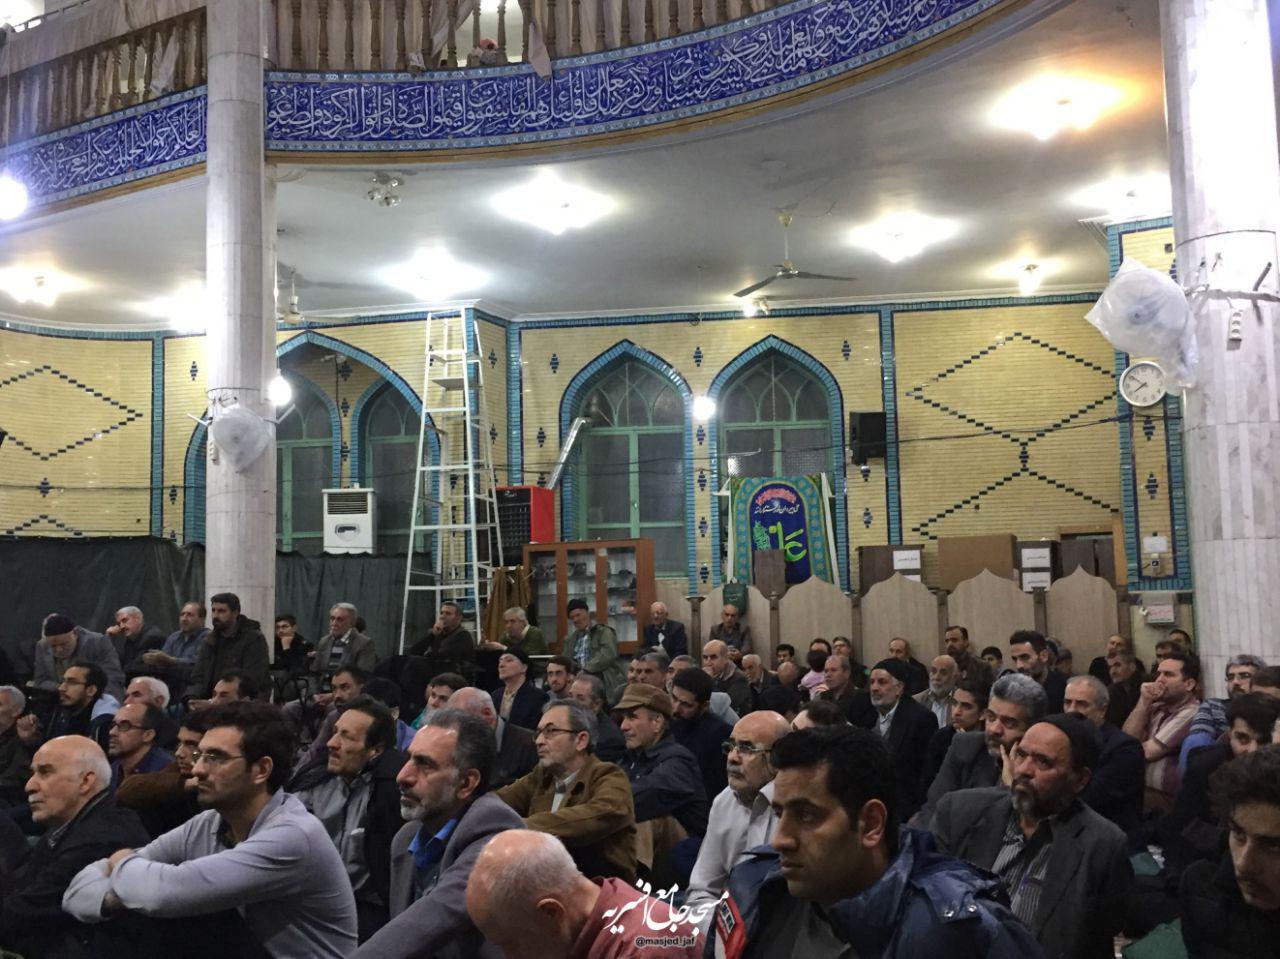 IMG 971123%20%287%29 نقل از تصویری؛ سخنرانی استاد حسن عباسی با موضوع چهل سالگی انقلاب اسلامی و همچنين افق های پیش رو